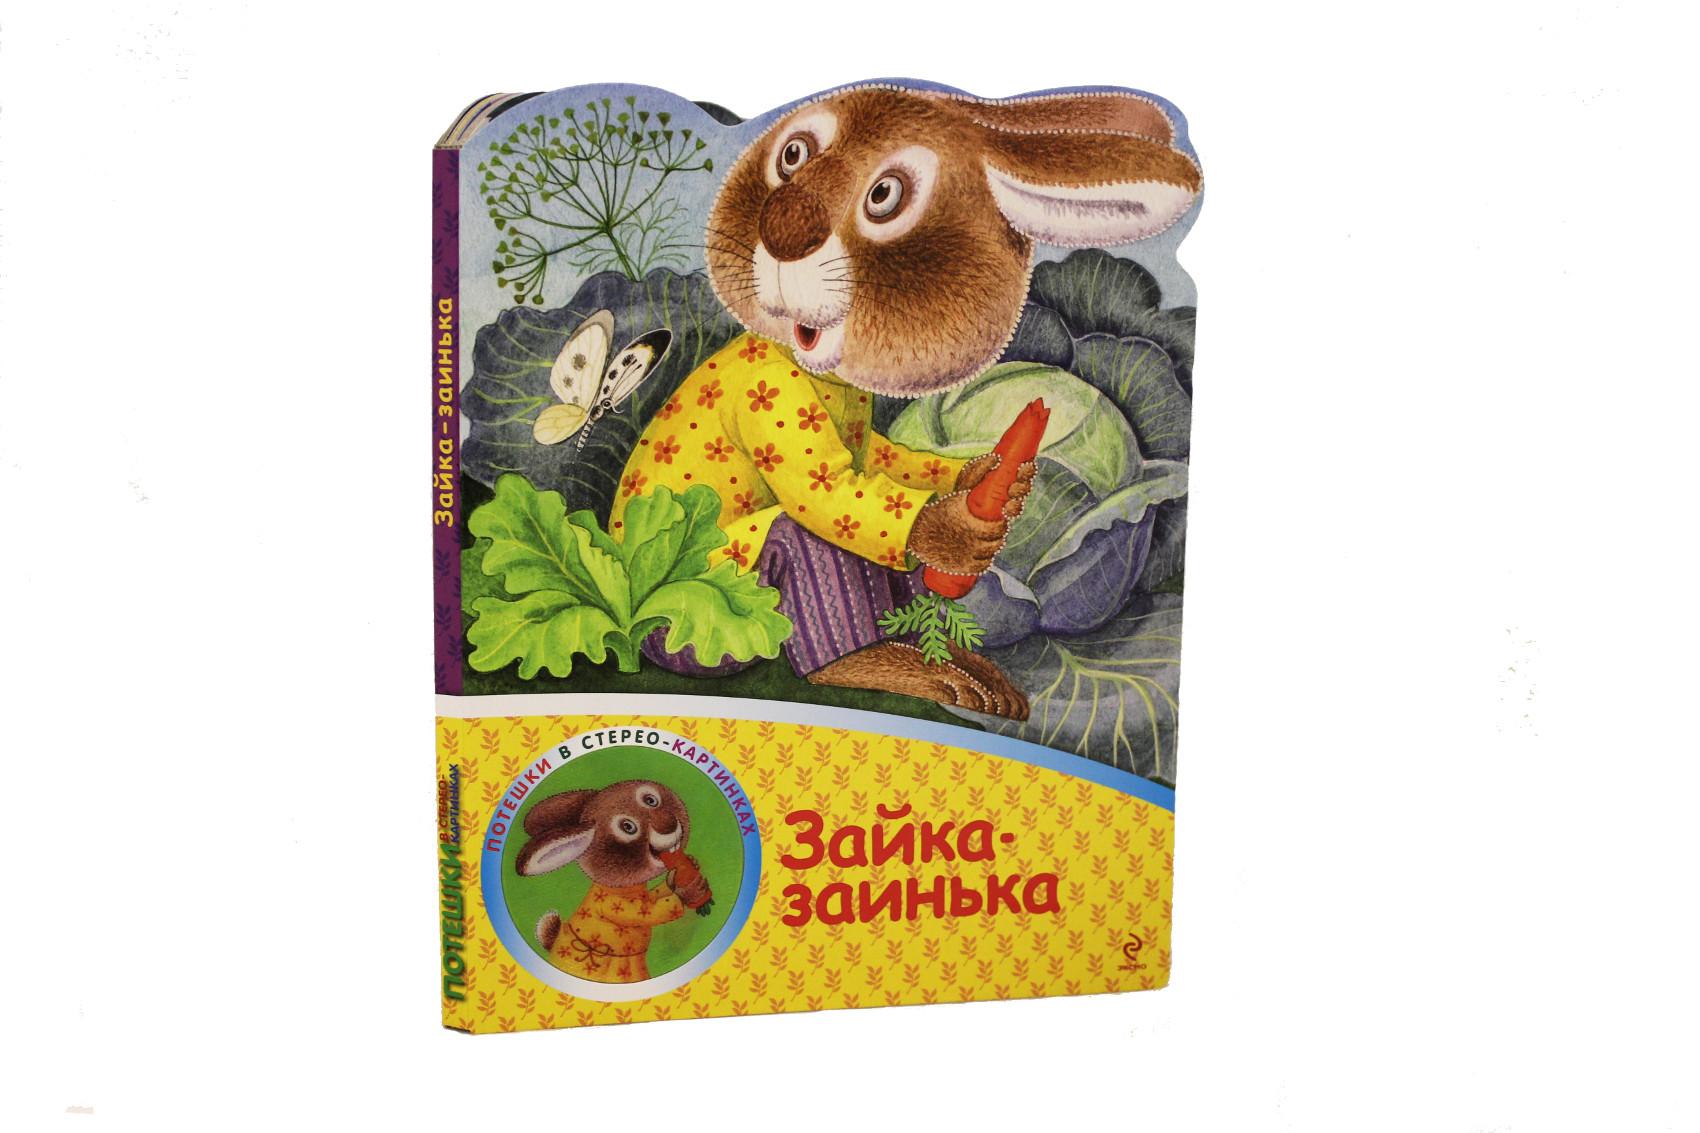 Зайка-заинька glaser d36440 00 glaser